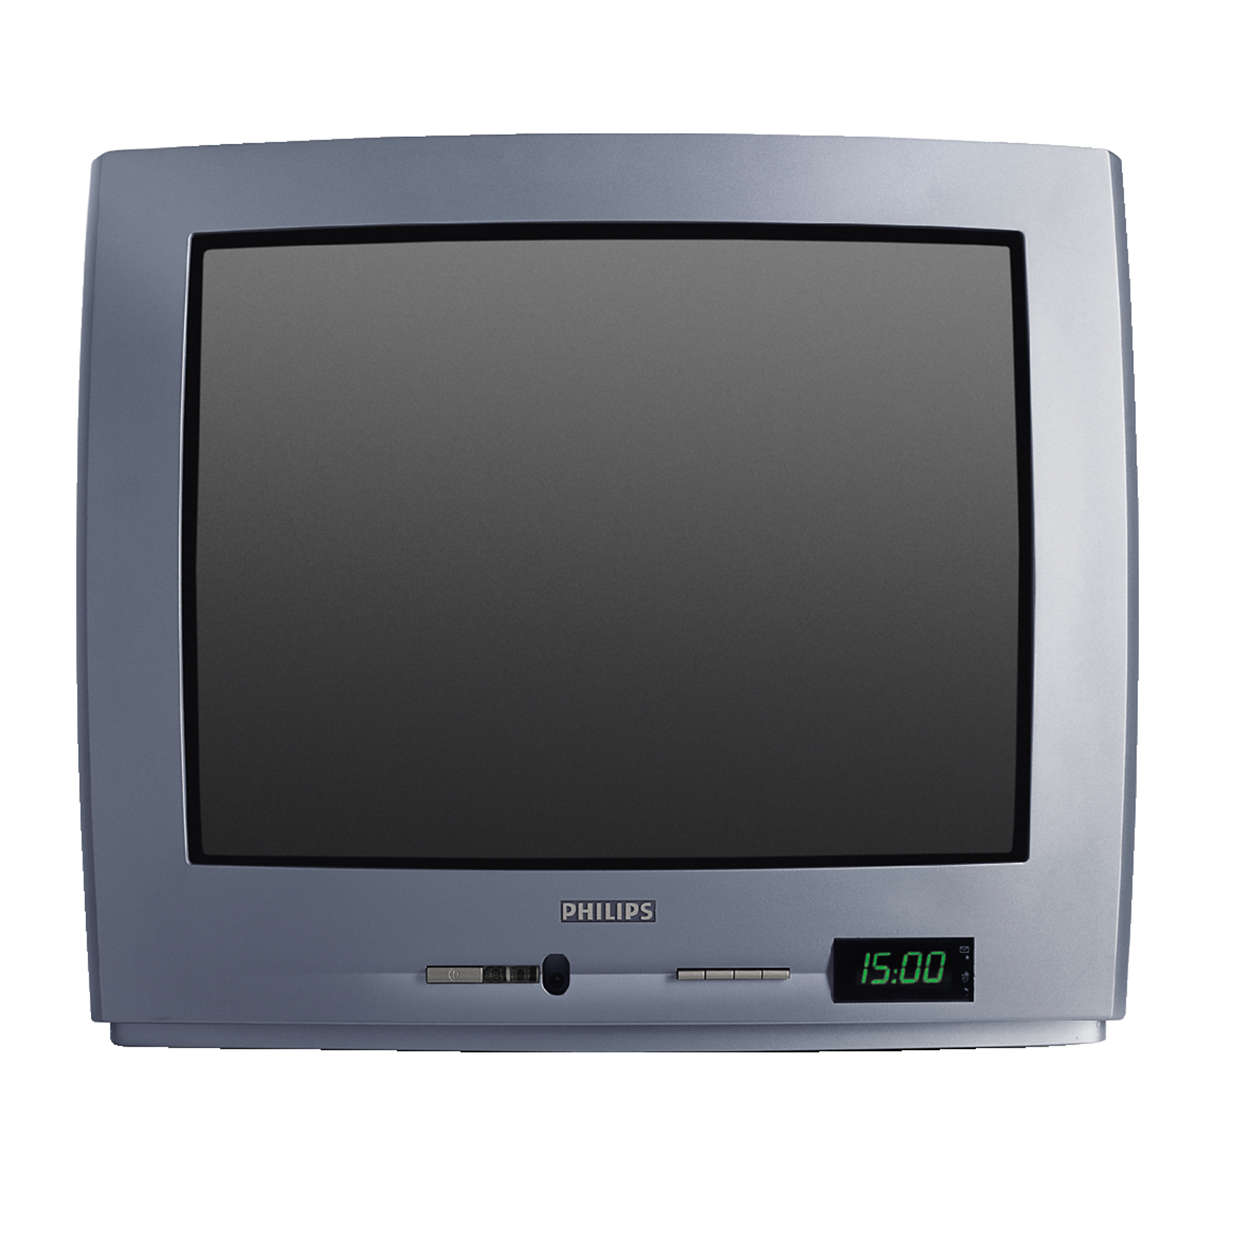 Niewielki telewizor ProPlus z trybem hotelowym